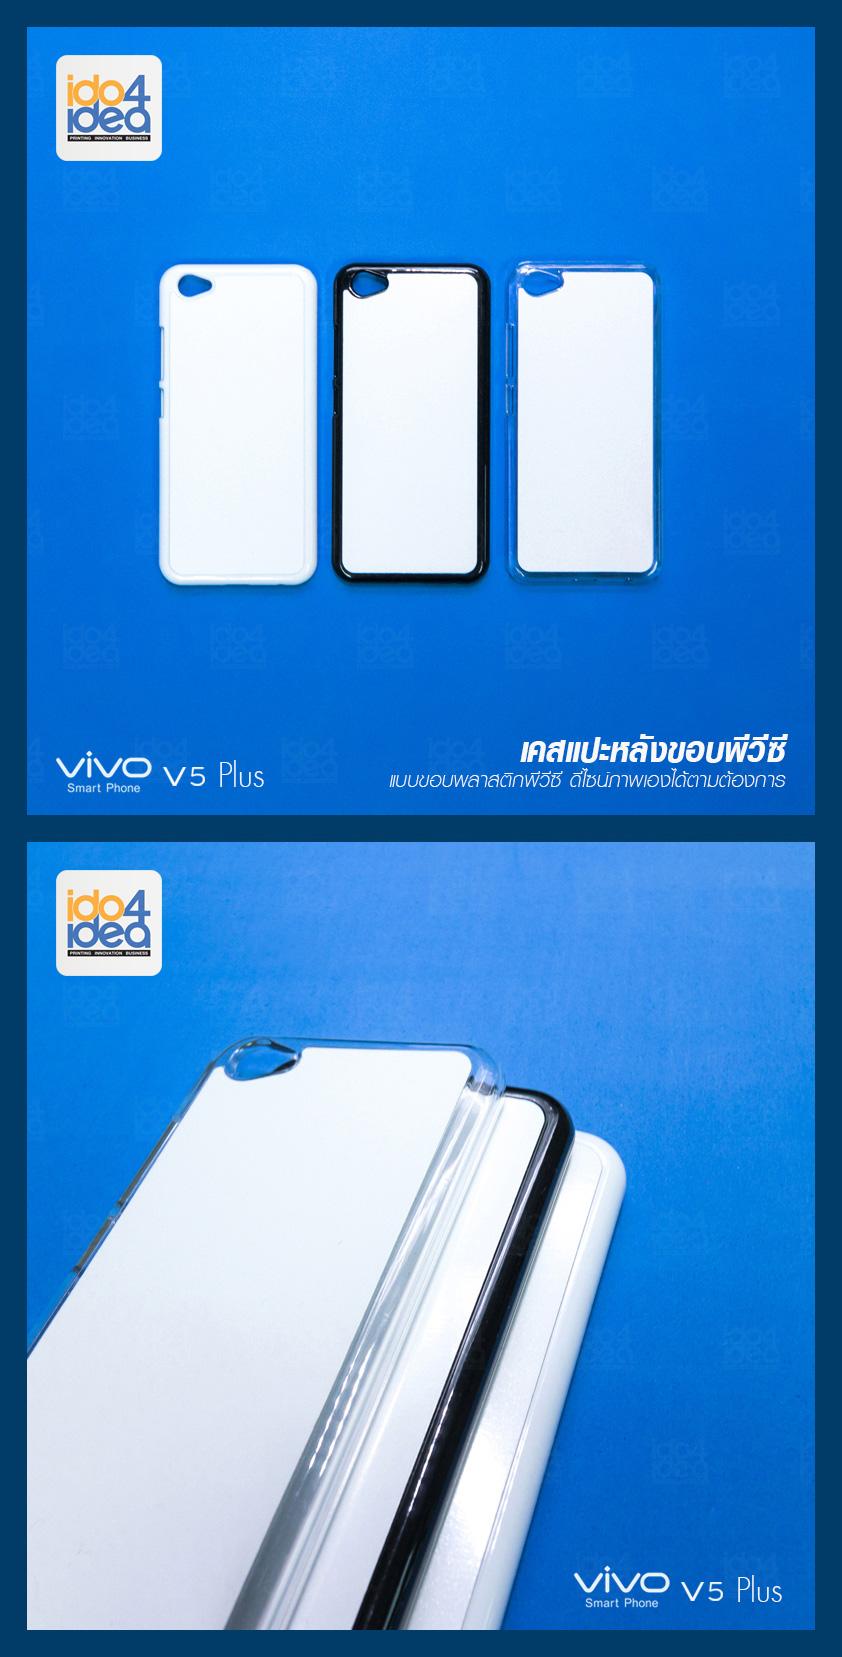 เคสพิมพ์ภาพ VIVO V5 Plus pvc เนื้อมันเงา